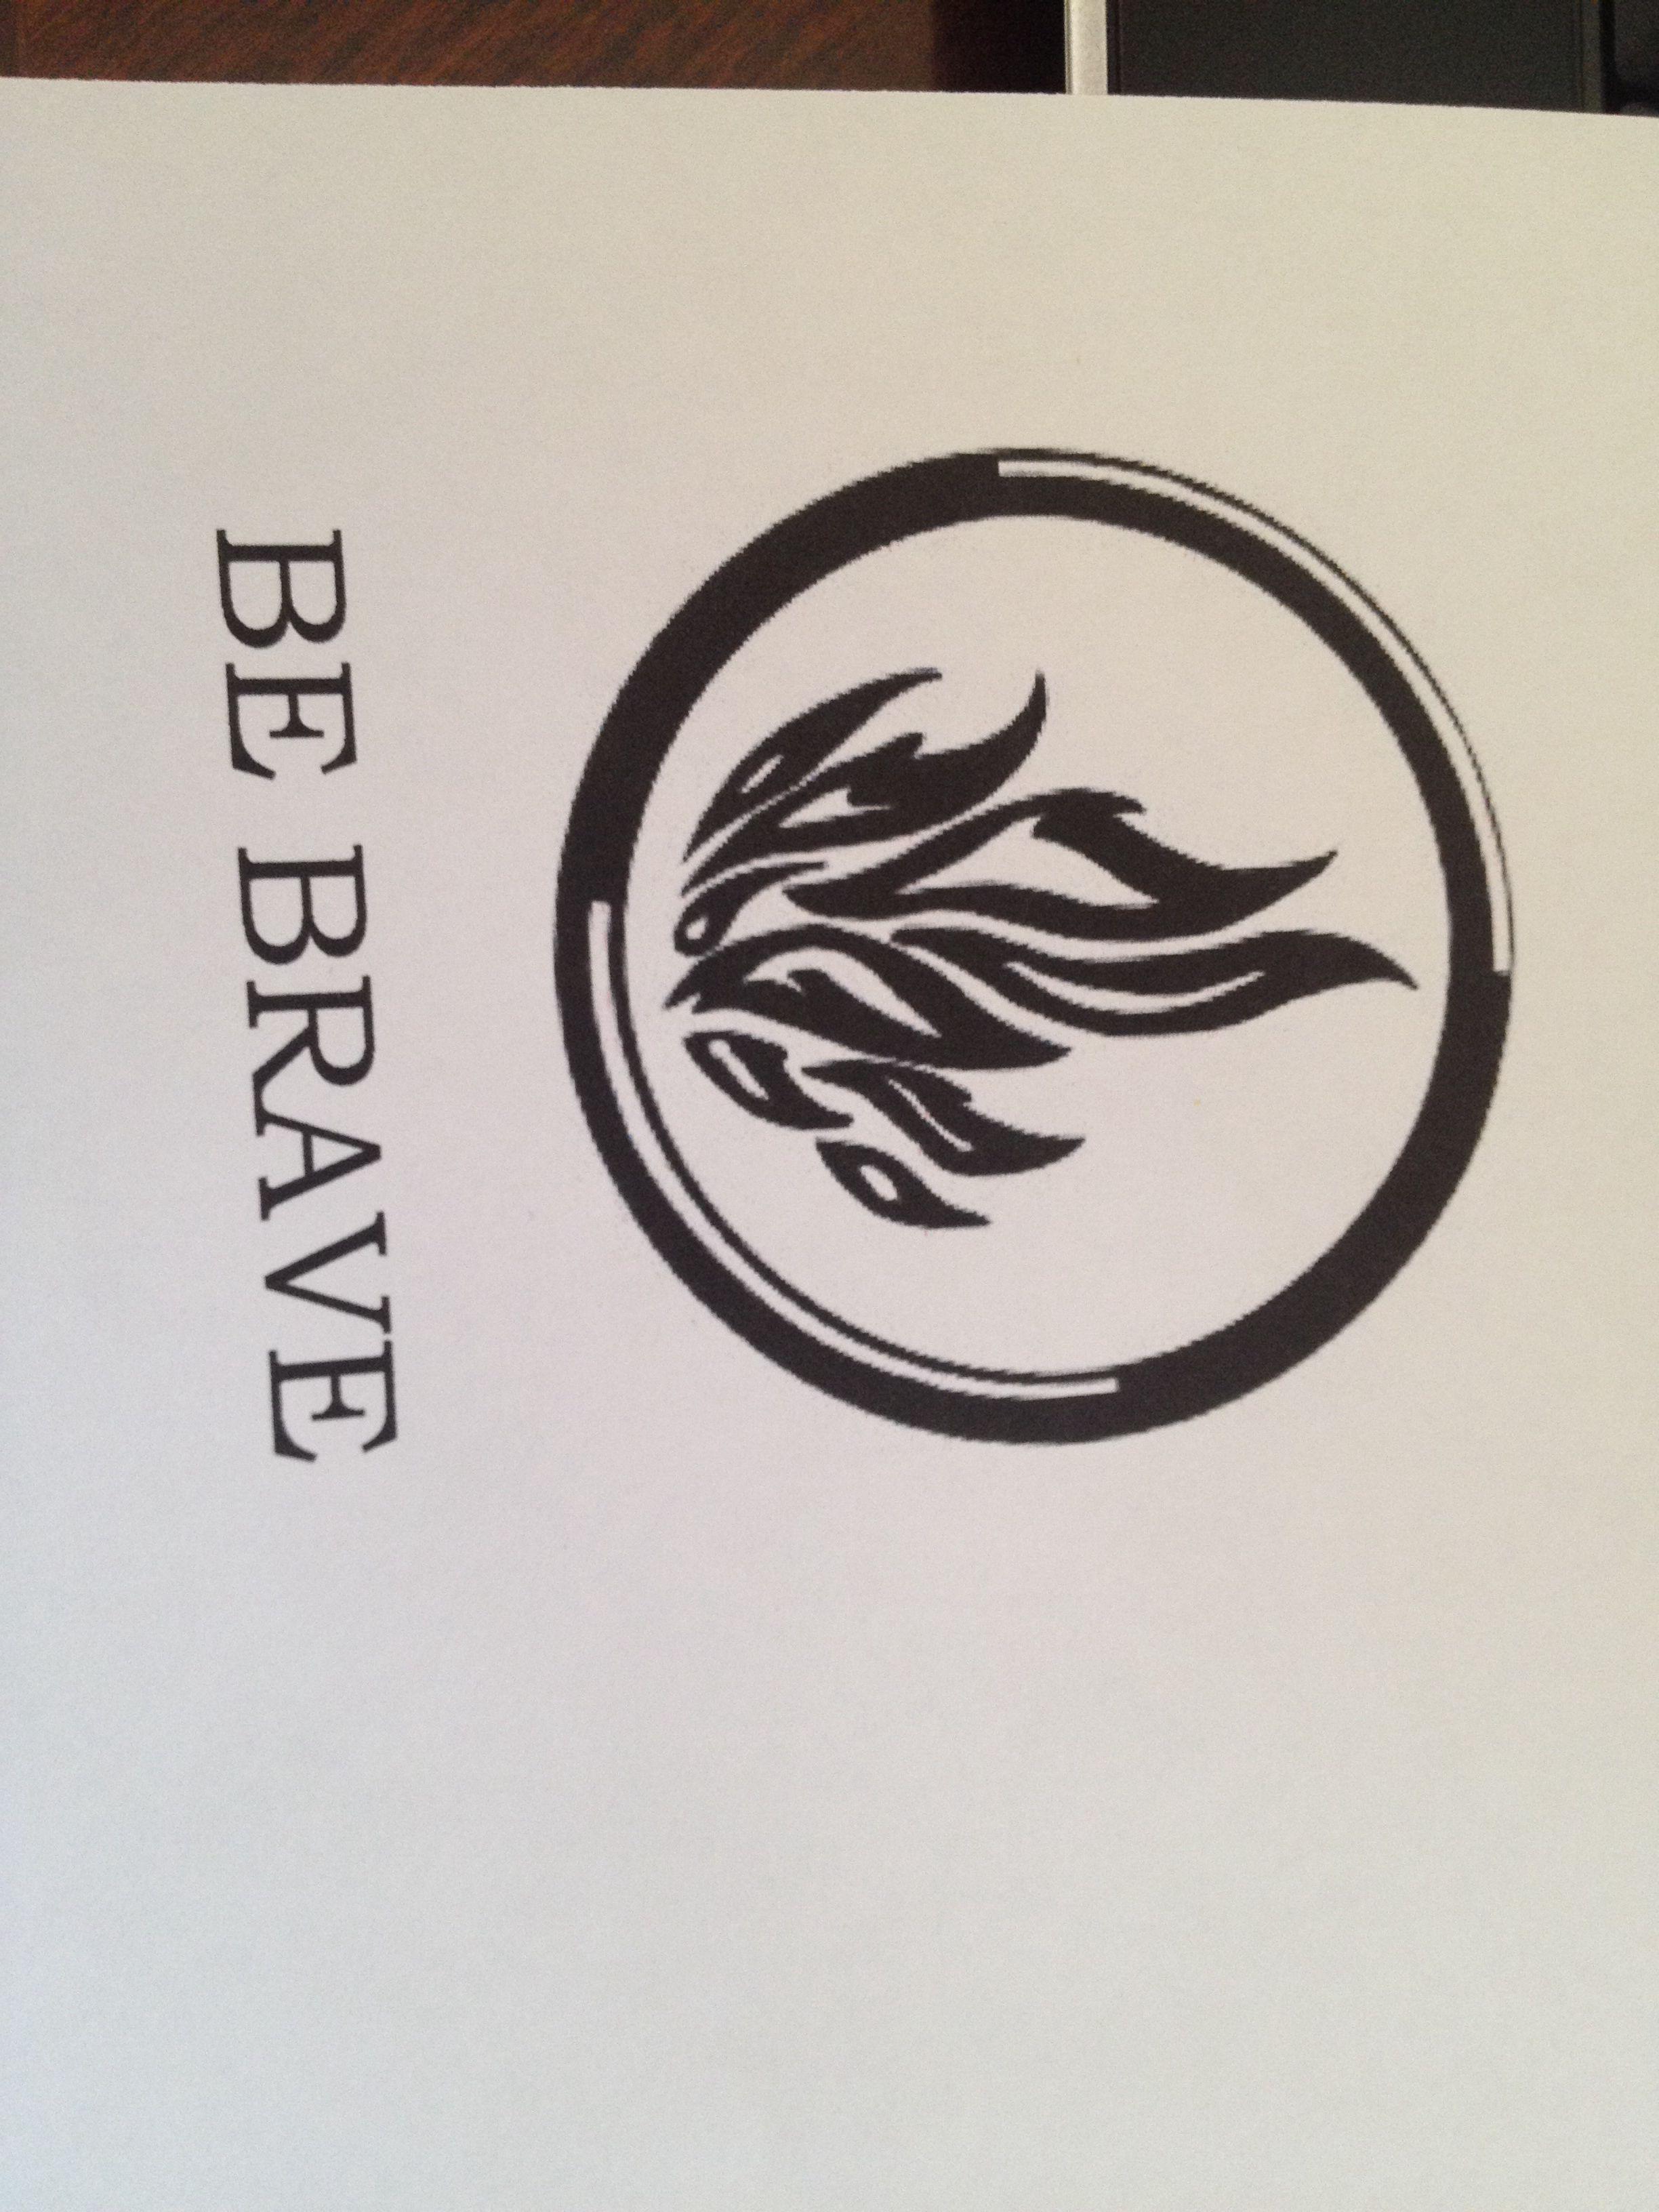 be brave dauntless symbol divergent tattoo idea tattoo